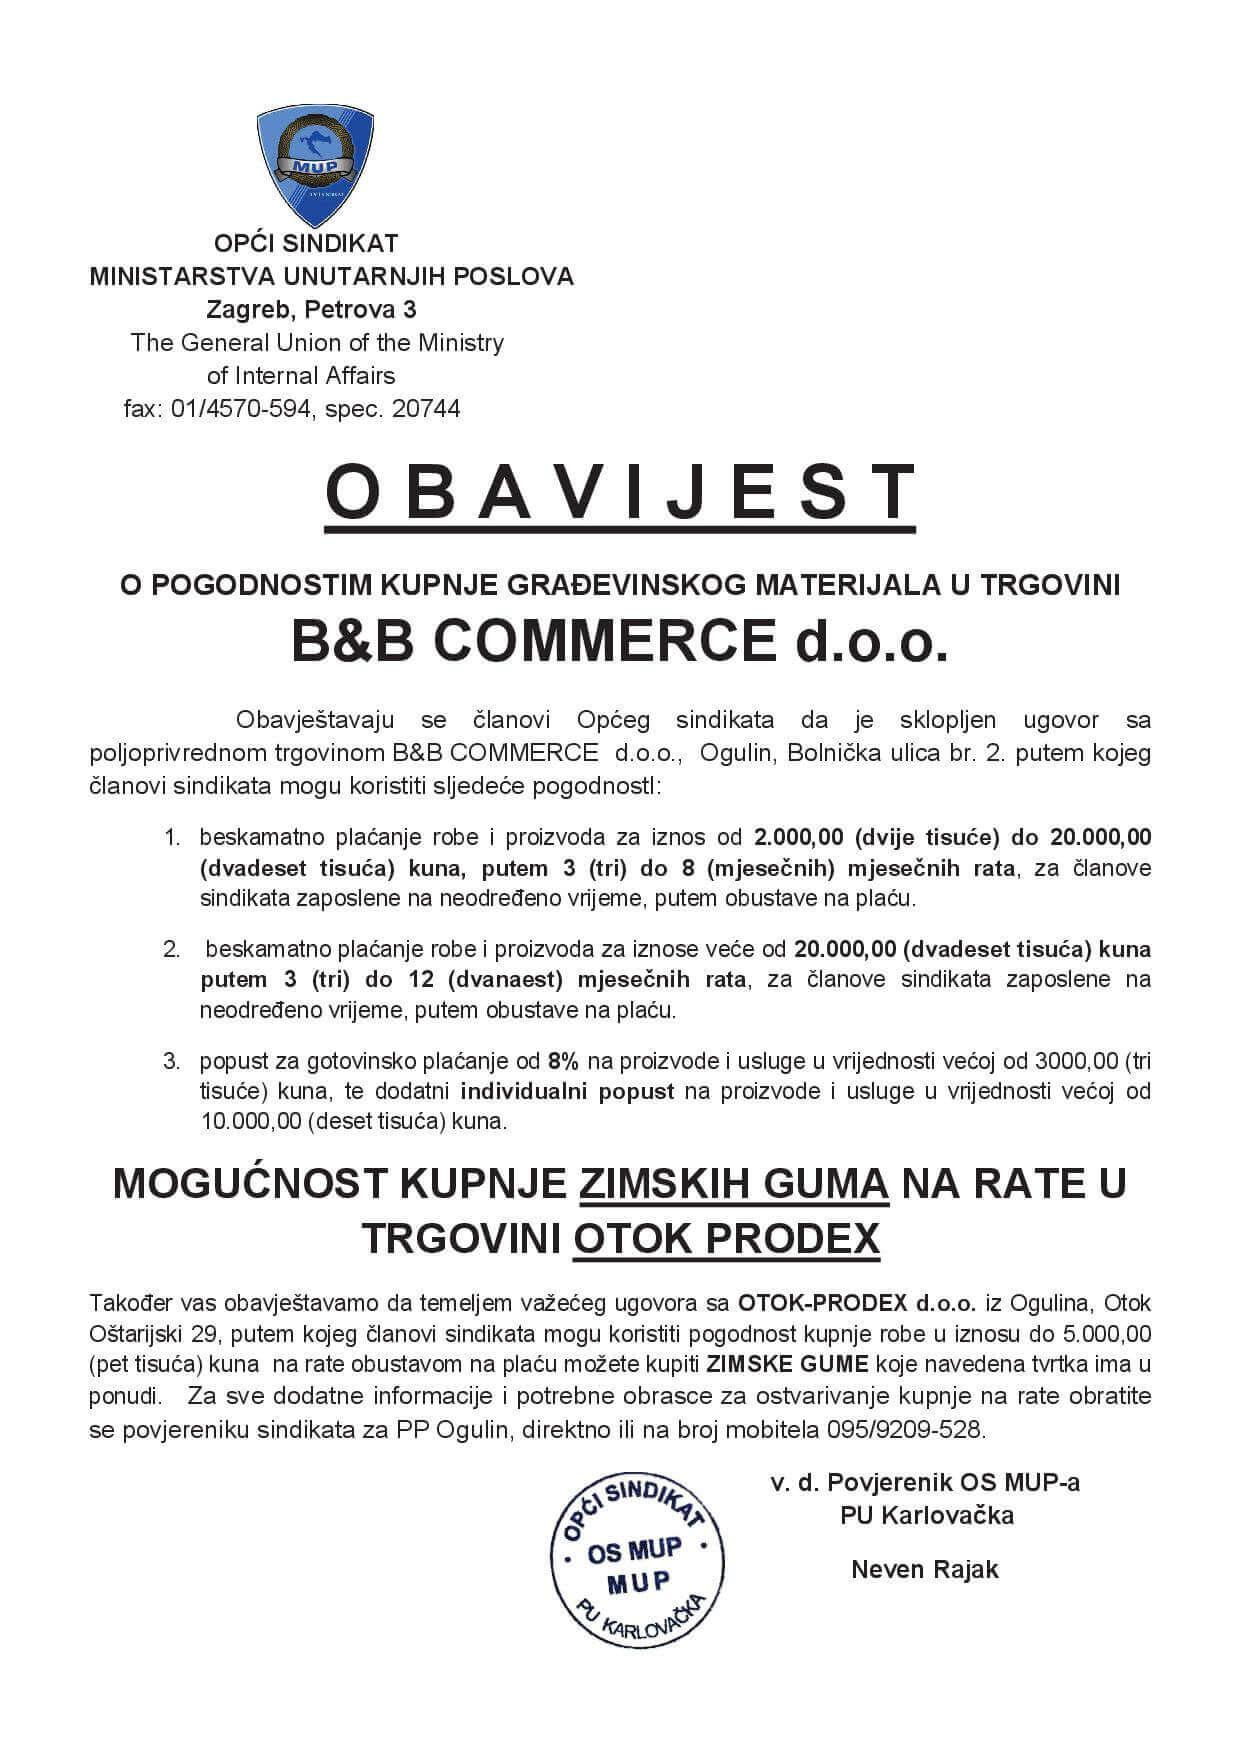 OBAVIJEST-O-POGODNOSTIMA-KUPNJE-GRADJEVINSKOG-MATERIJALA-U-TRGOVINI-BB-COMMERCE-d.o.o